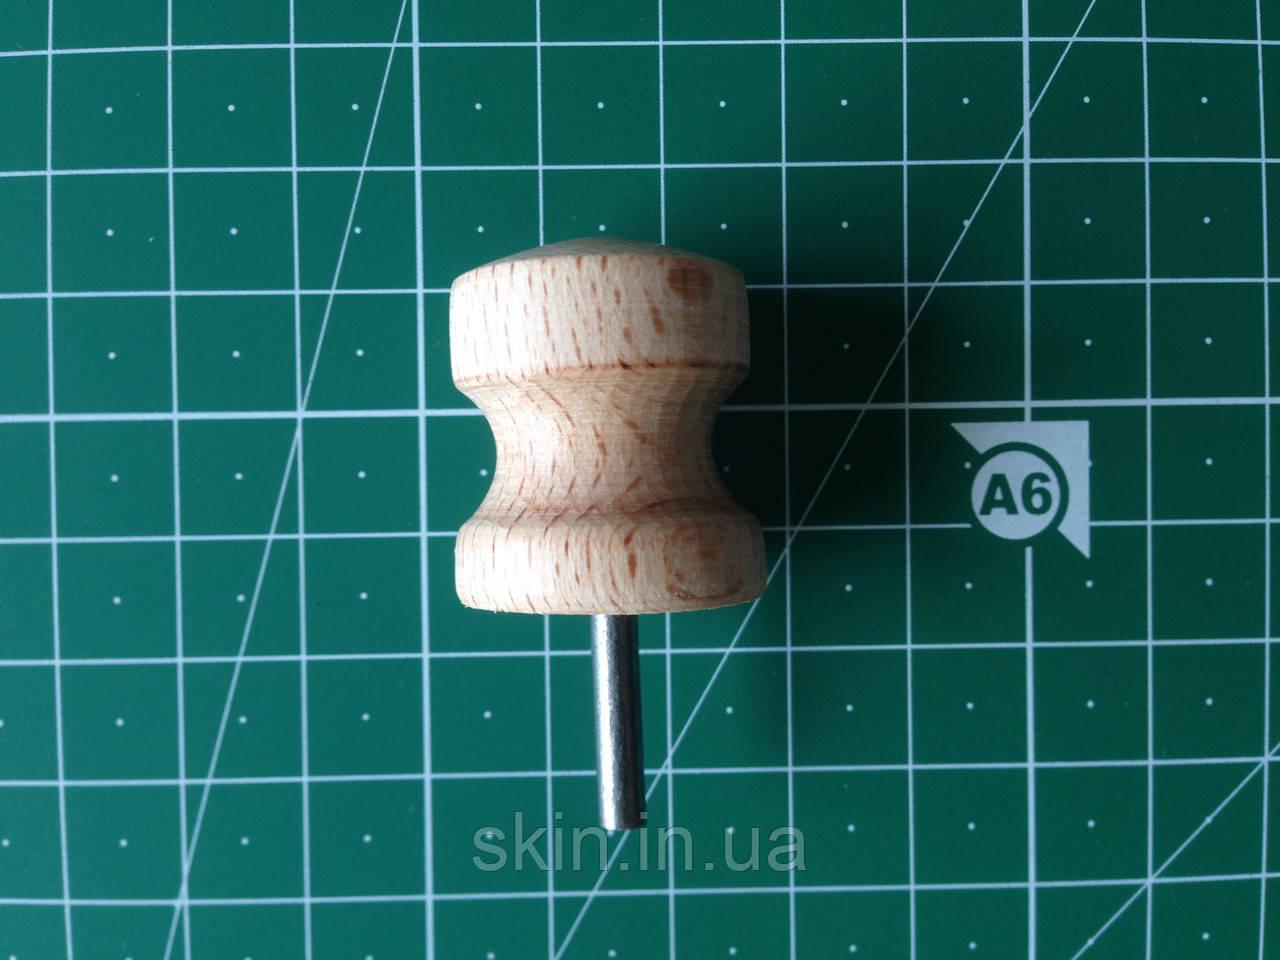 Сликер, насадка для гравера, инструмент для полировки торца кожи, 1 широкий, артикул СК 6034